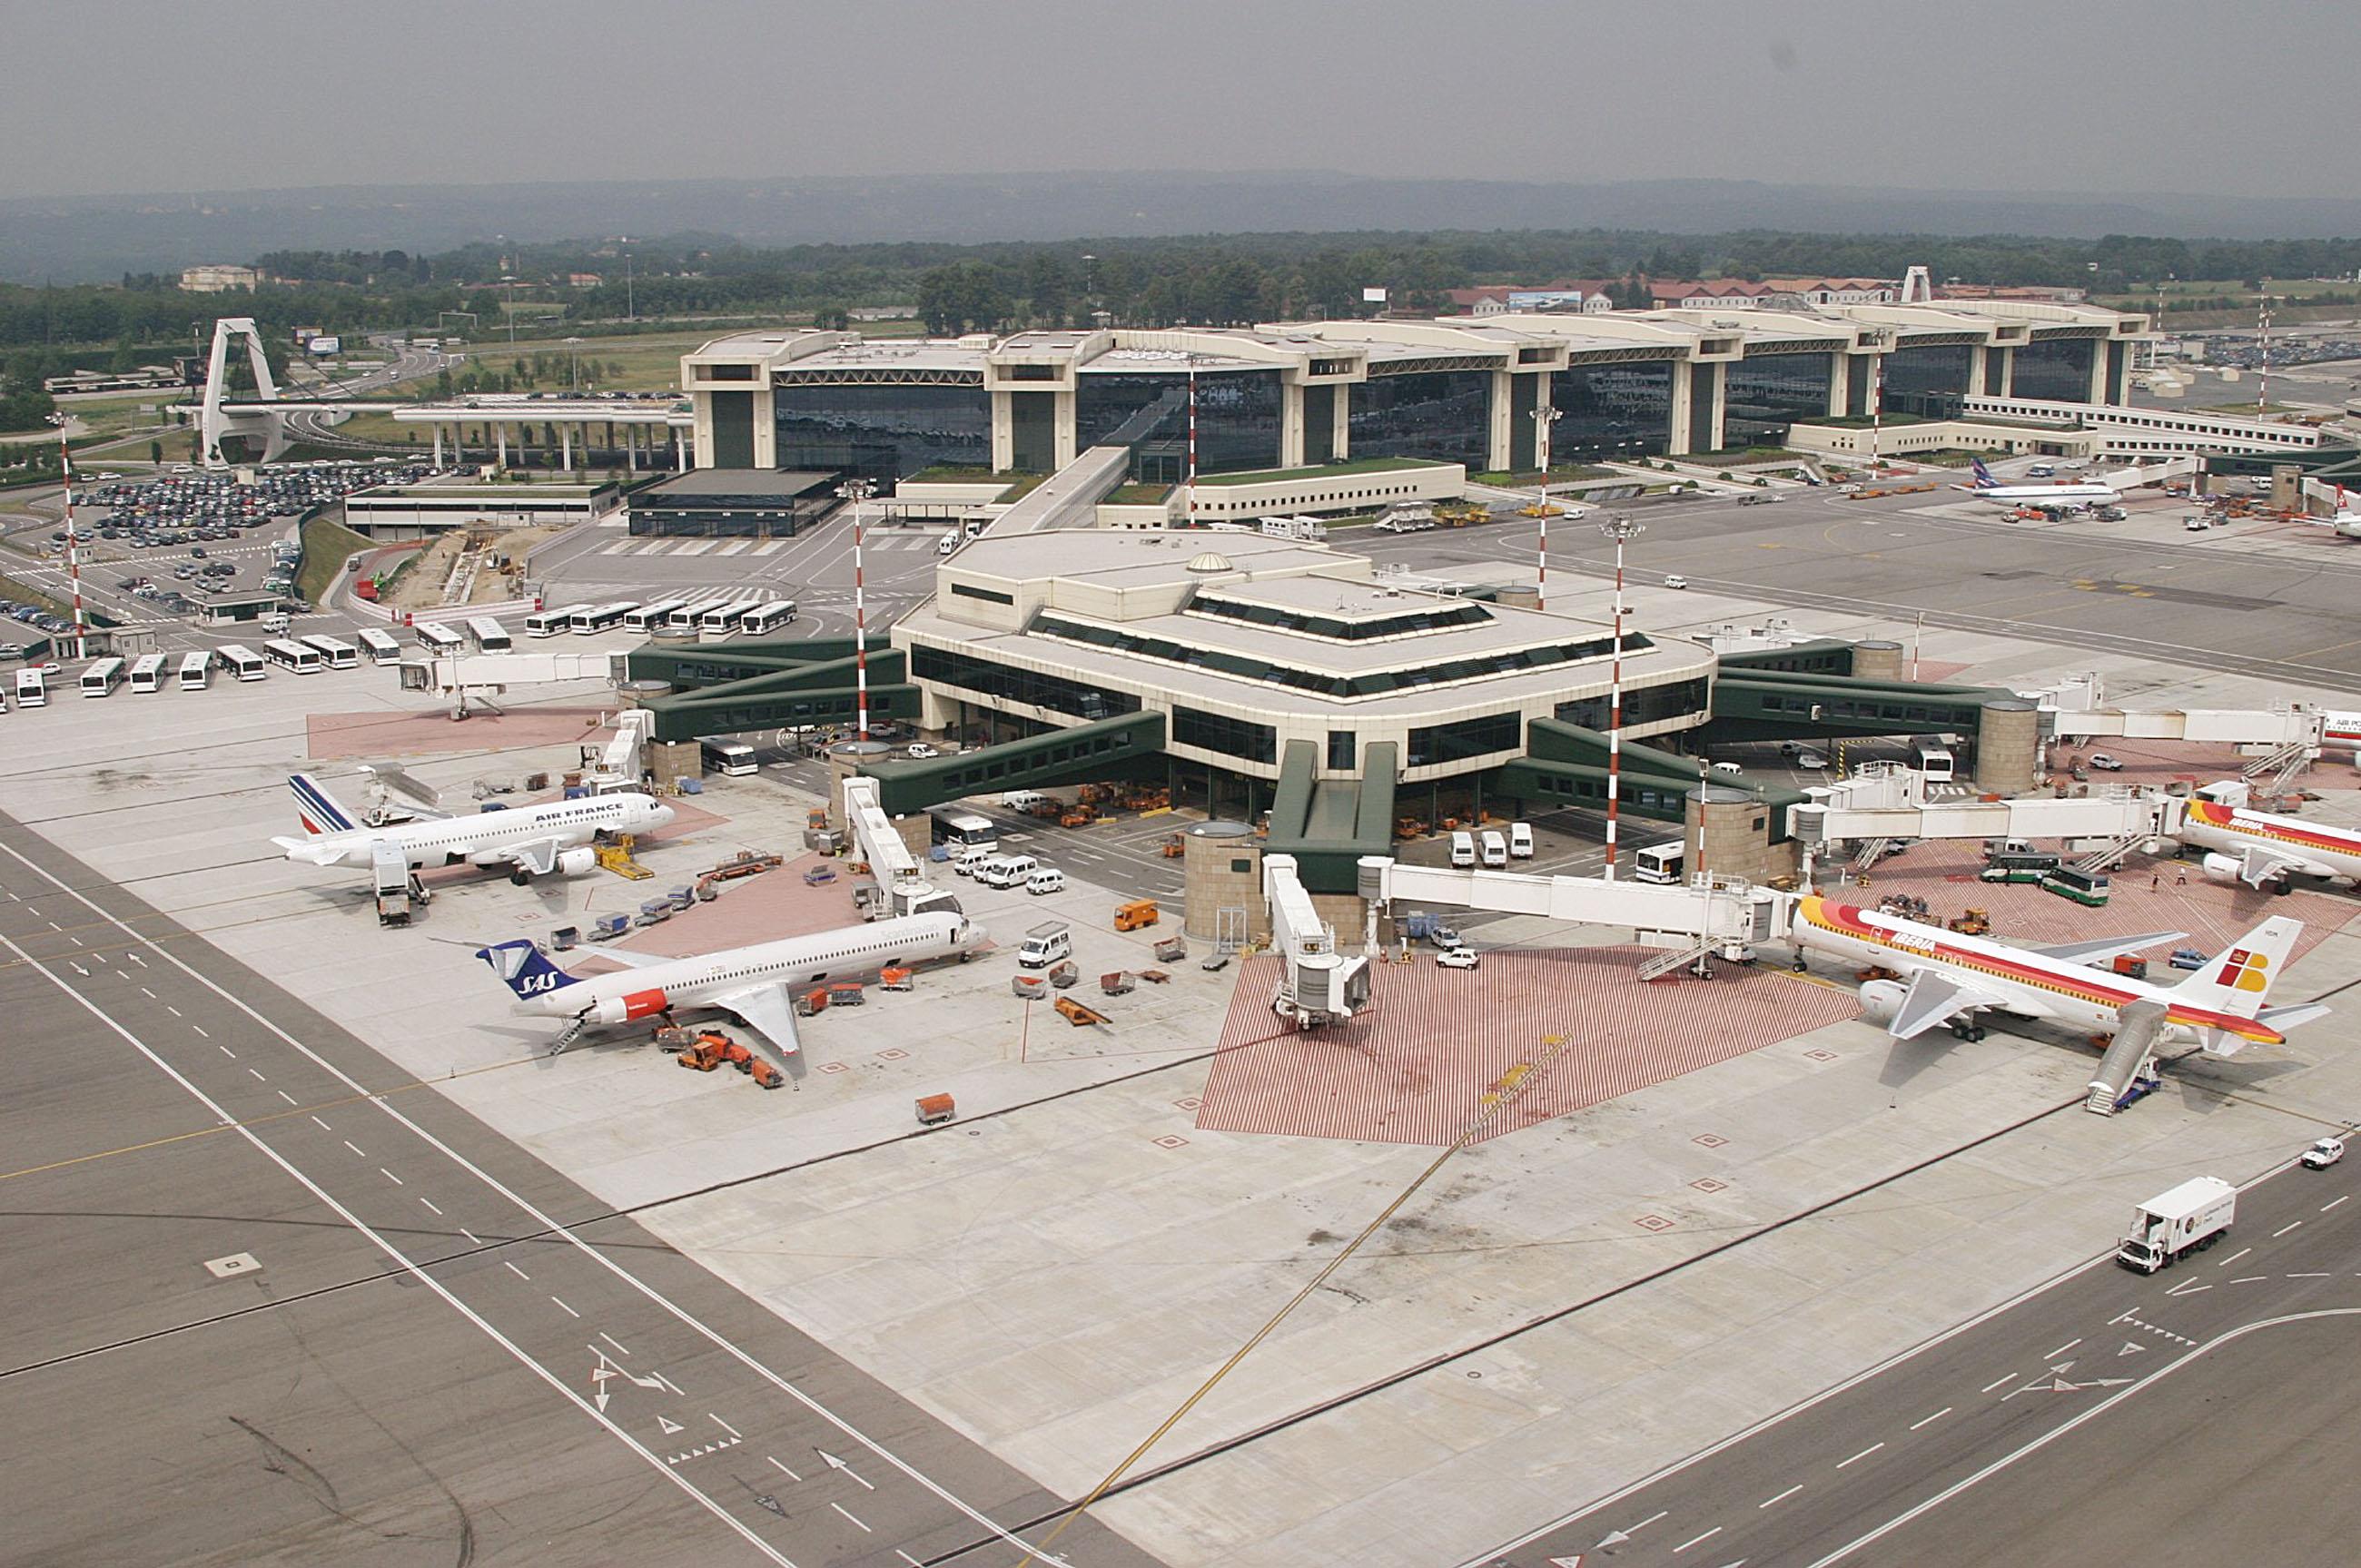 Aeroporto Malpensa Terminal 1